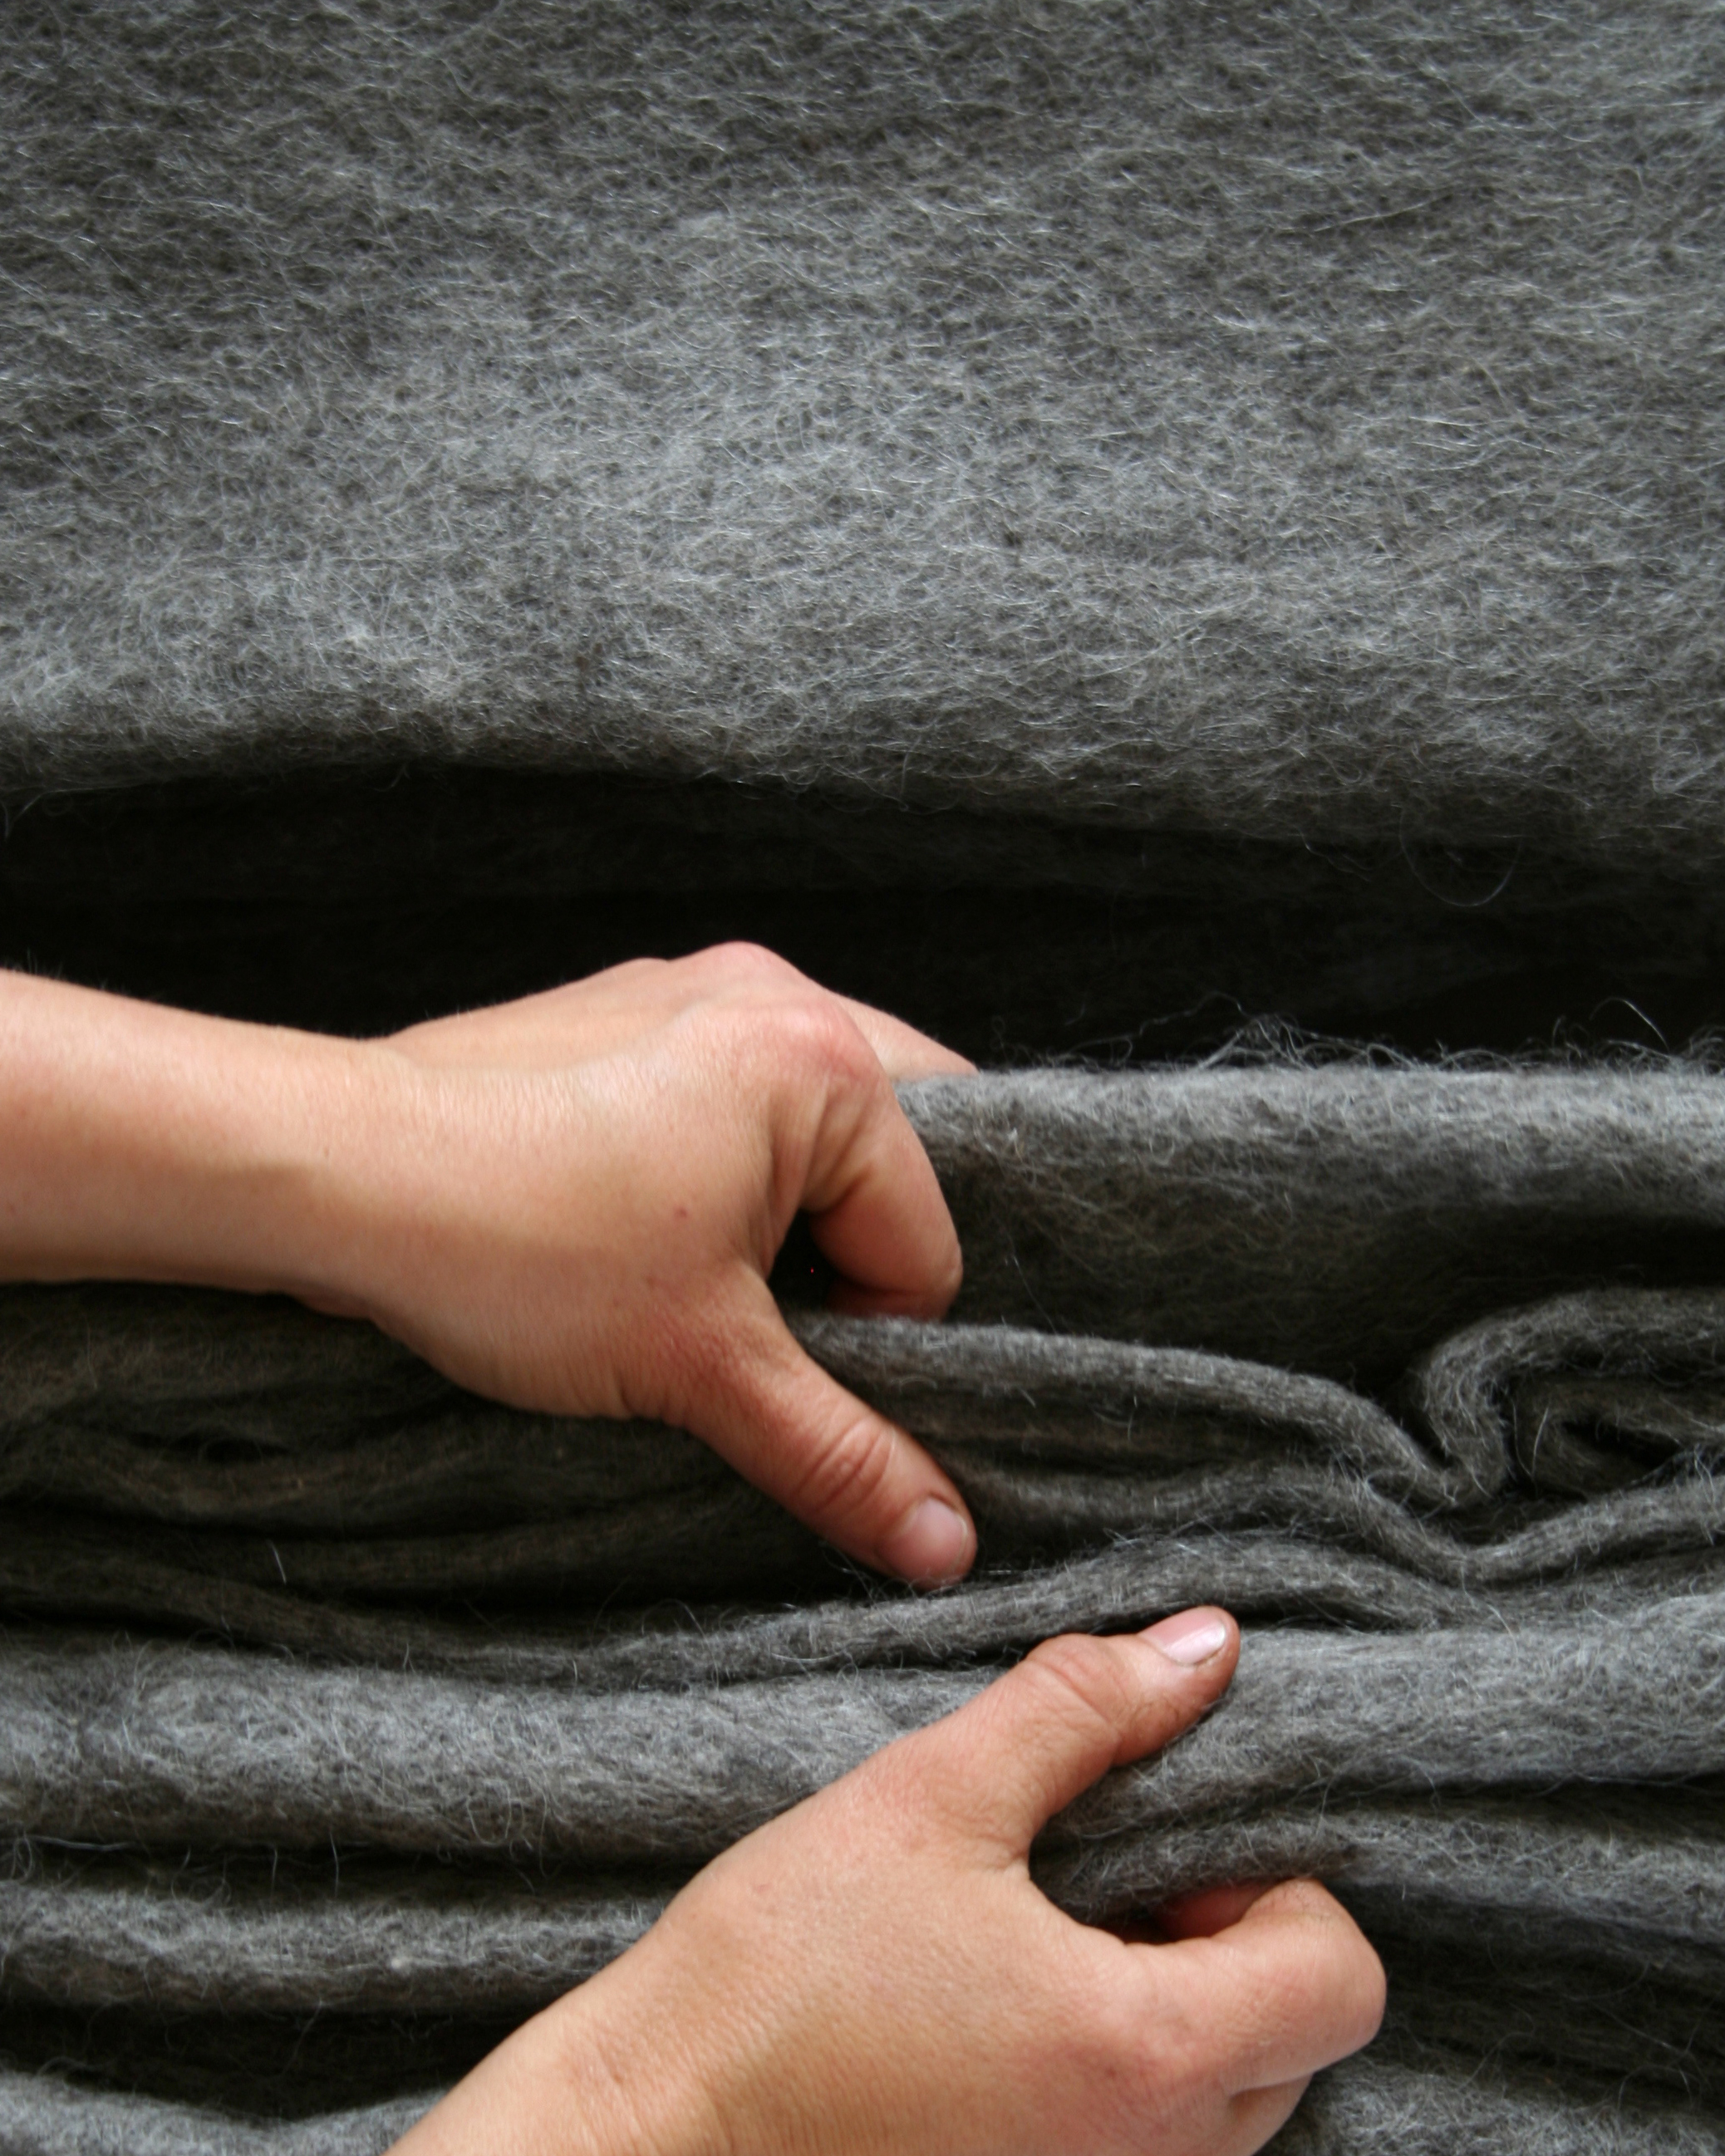 Filtmakeriets SVIA grå. Nålfilt för tovning av 100 % svensk fårull